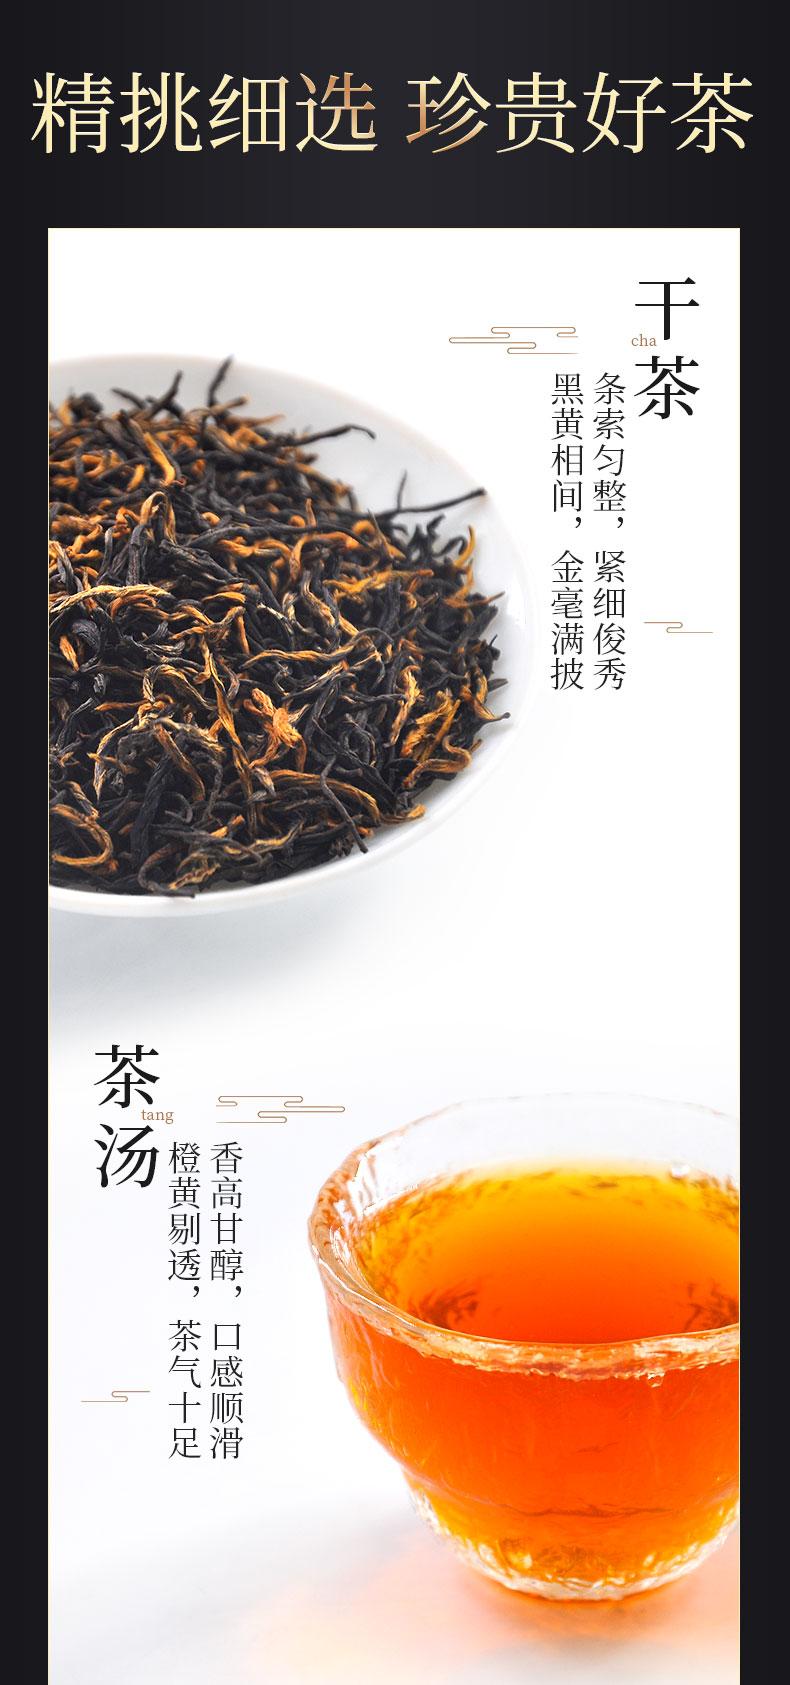 六和塔 一级蜜香型 武夷金骏眉红茶 125g*2罐 礼盒装 图7